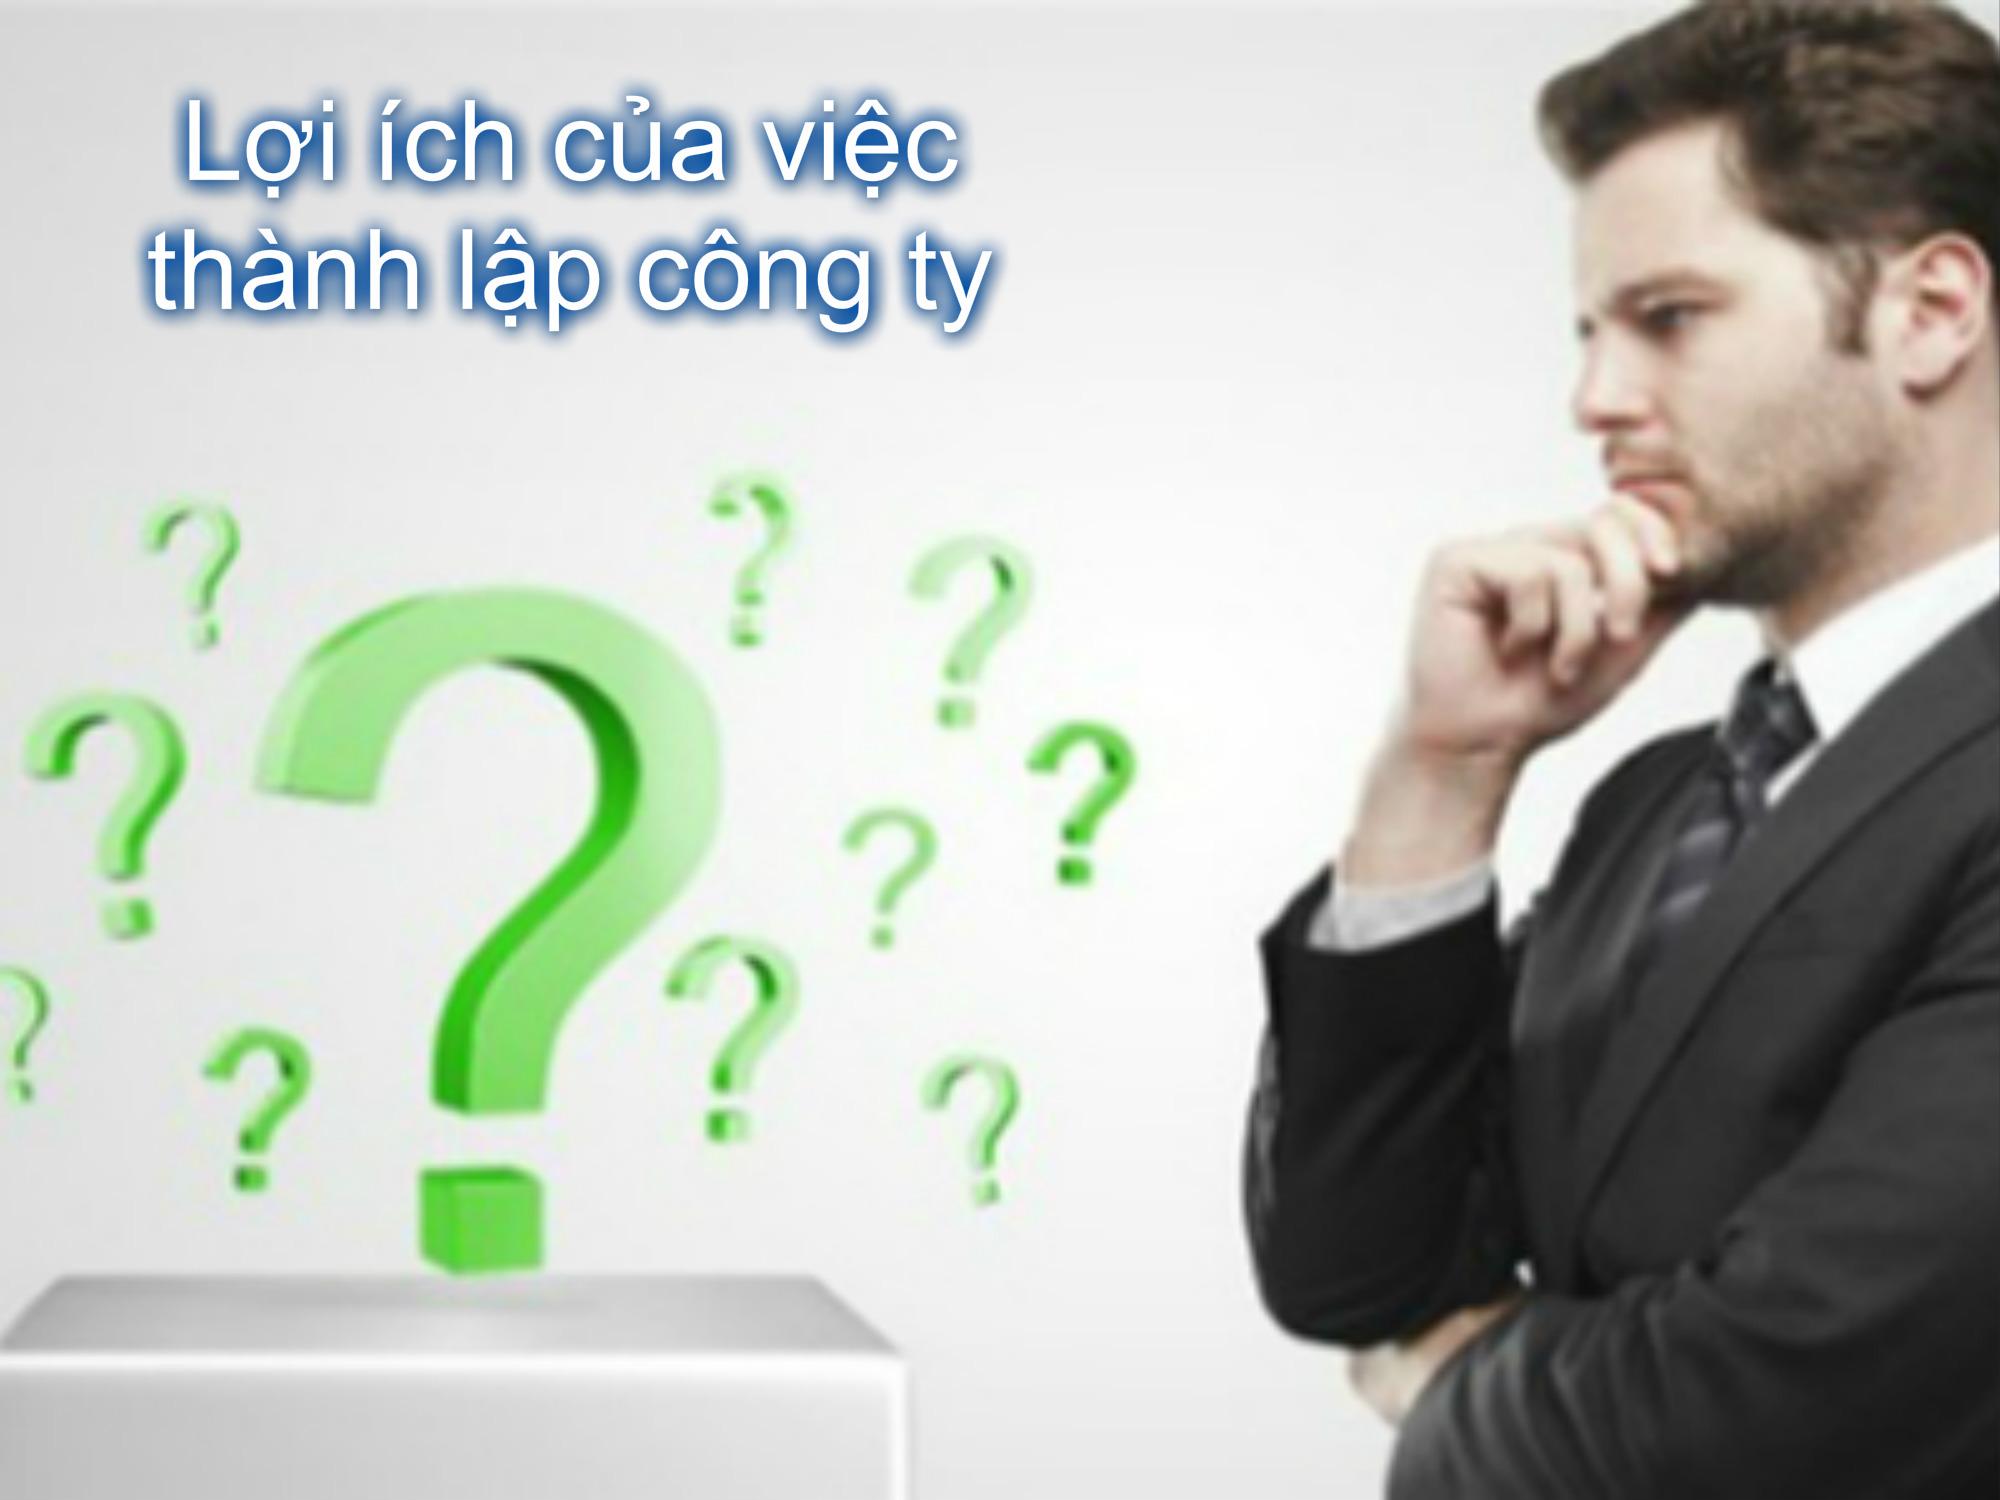 Thành lập công ty tại Nghệ An có lợi gì